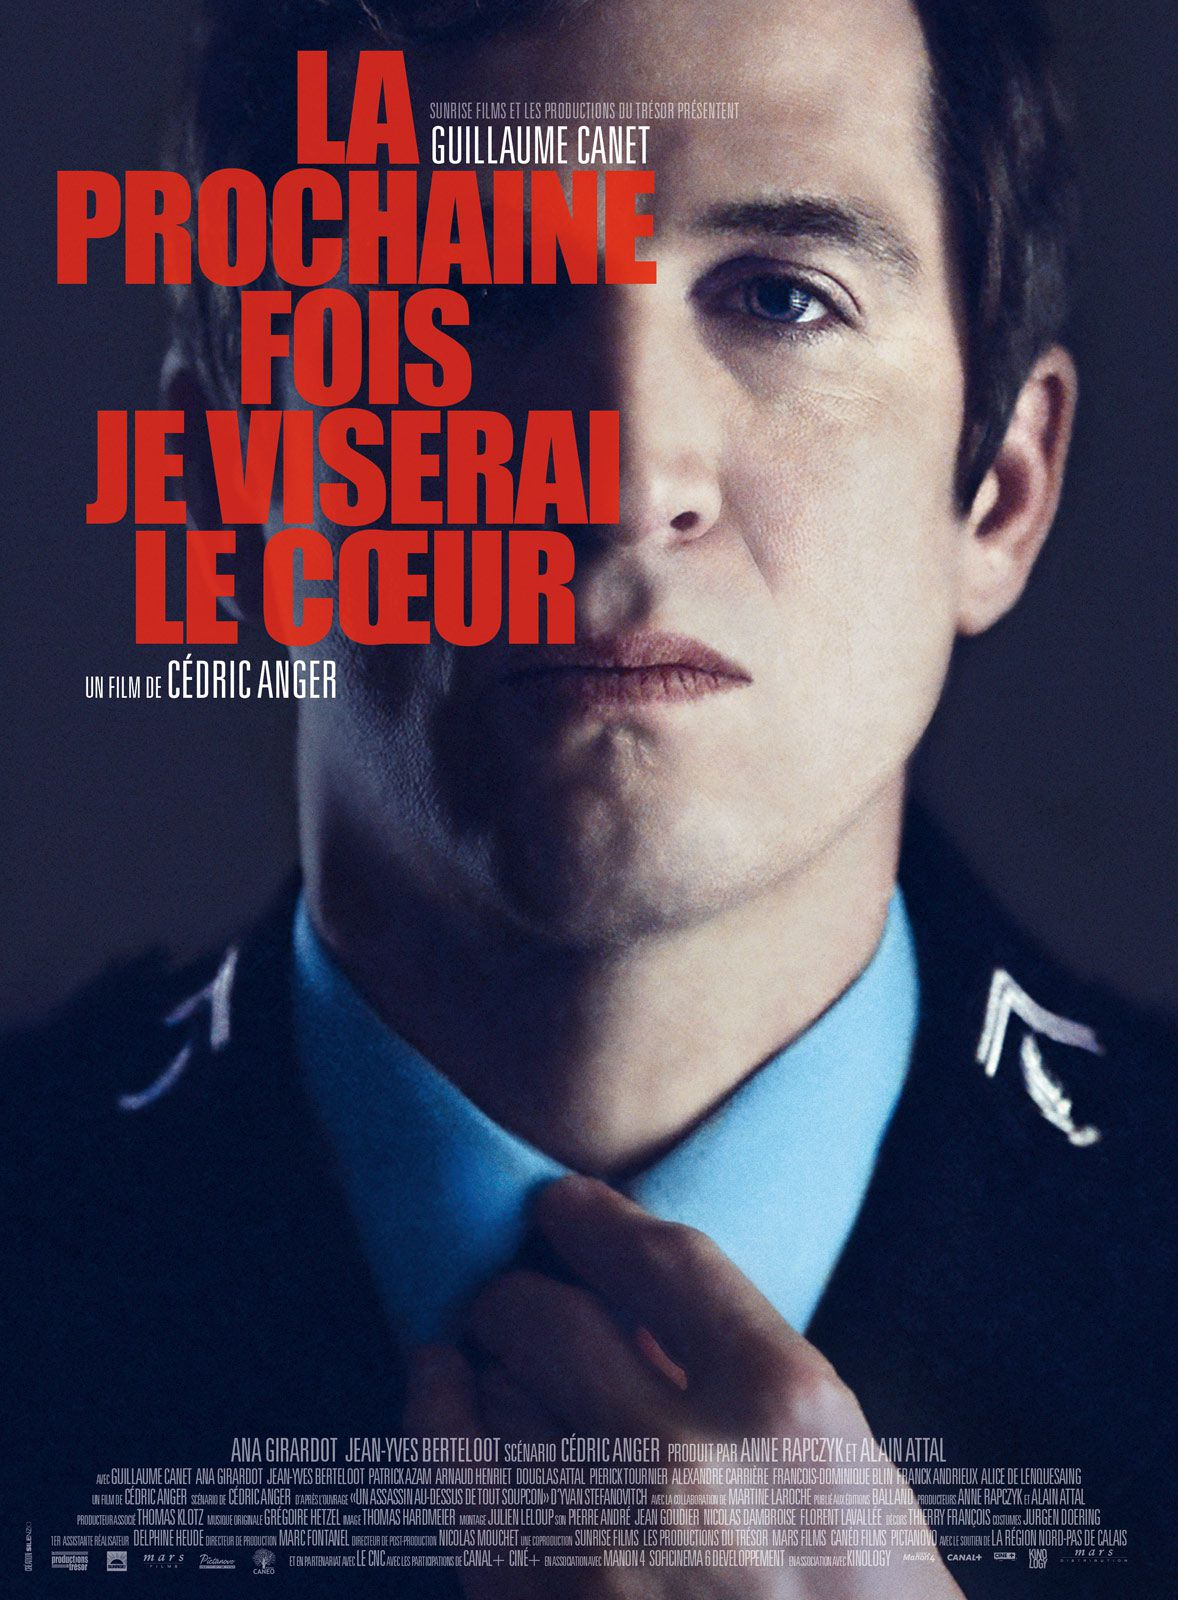 La prochaine fois je viserai le cœur - Film (2014)